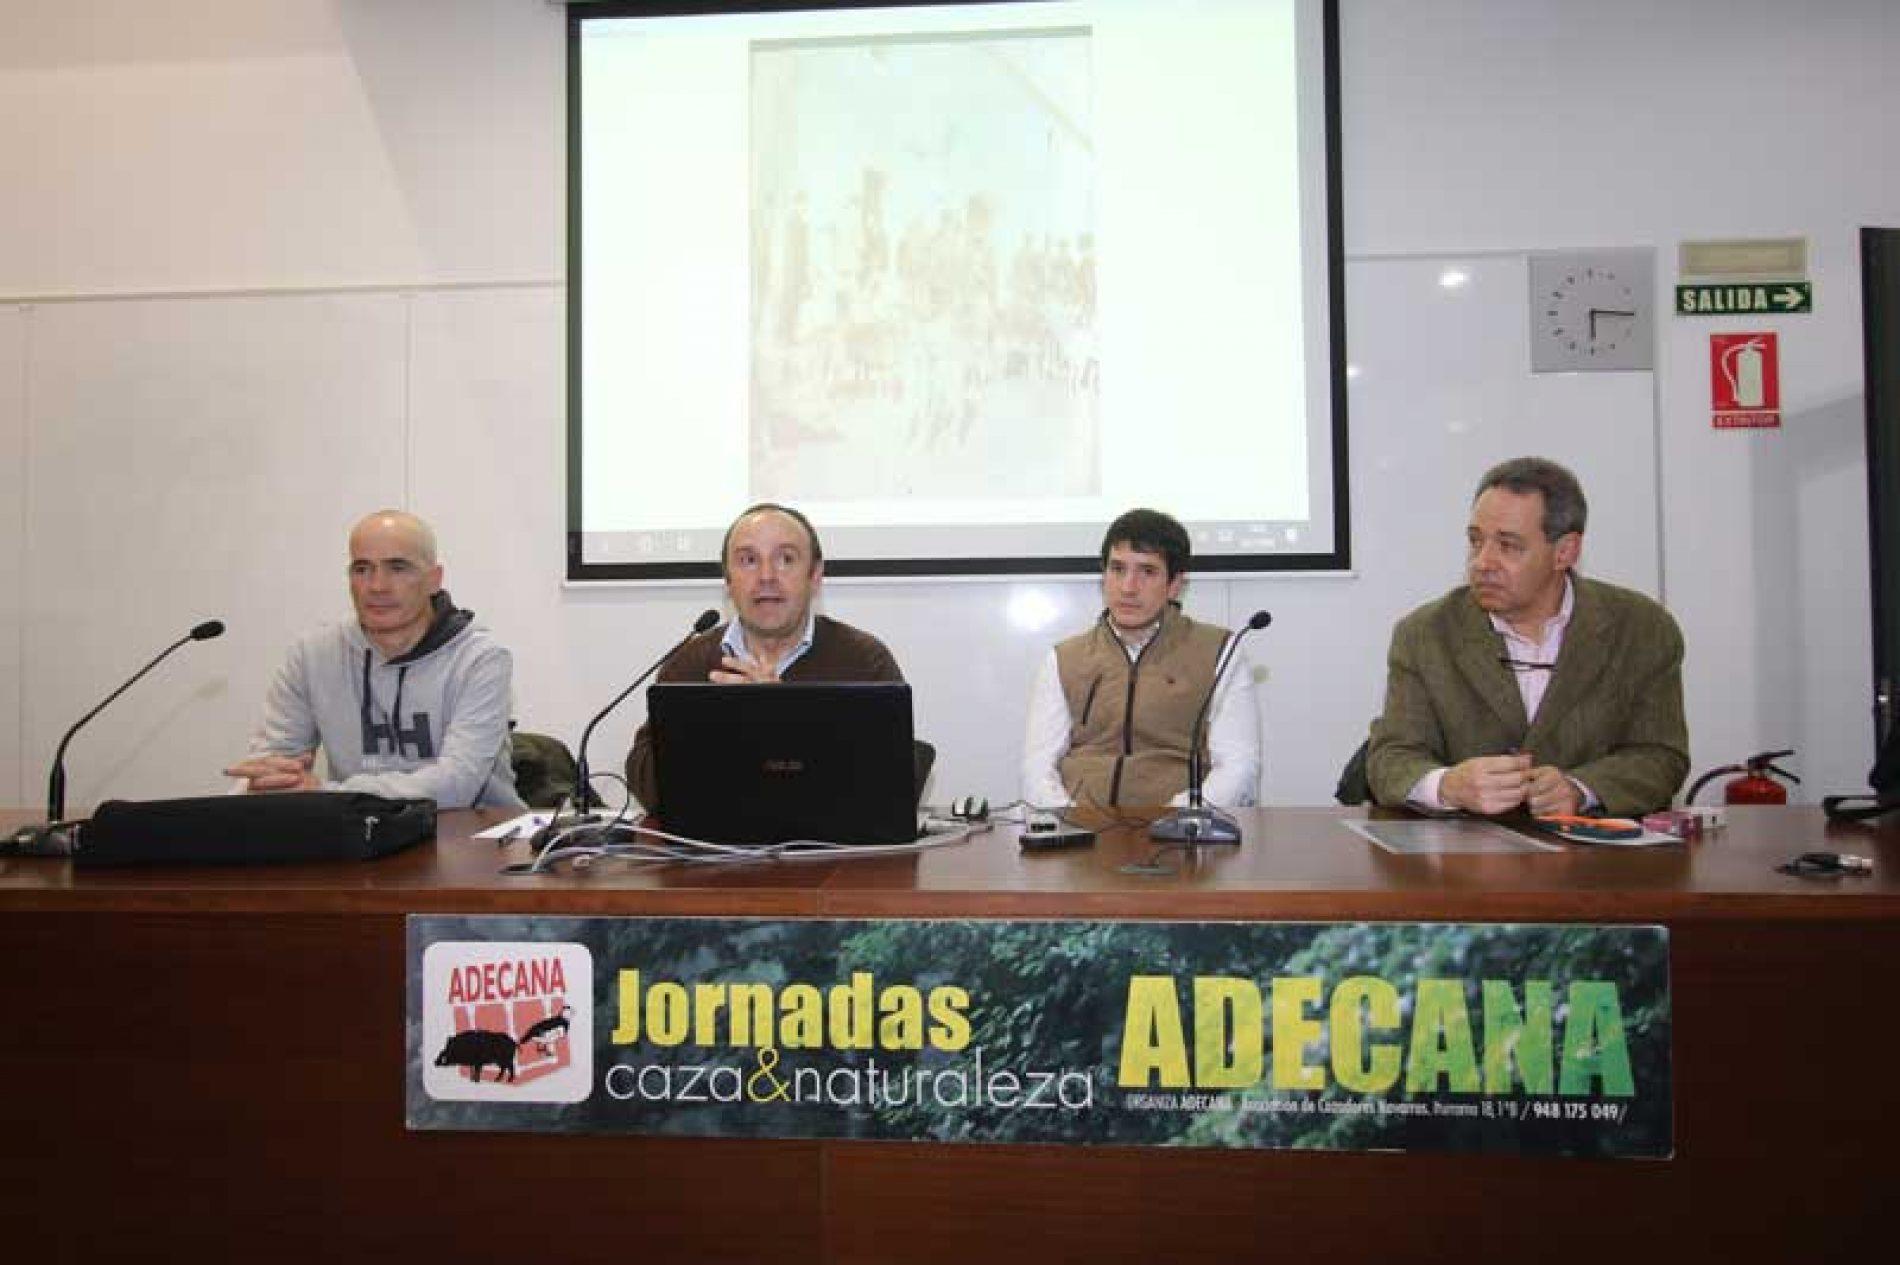 Éxito de las XIX Jornadas de Caza y Naturaleza de Adecana